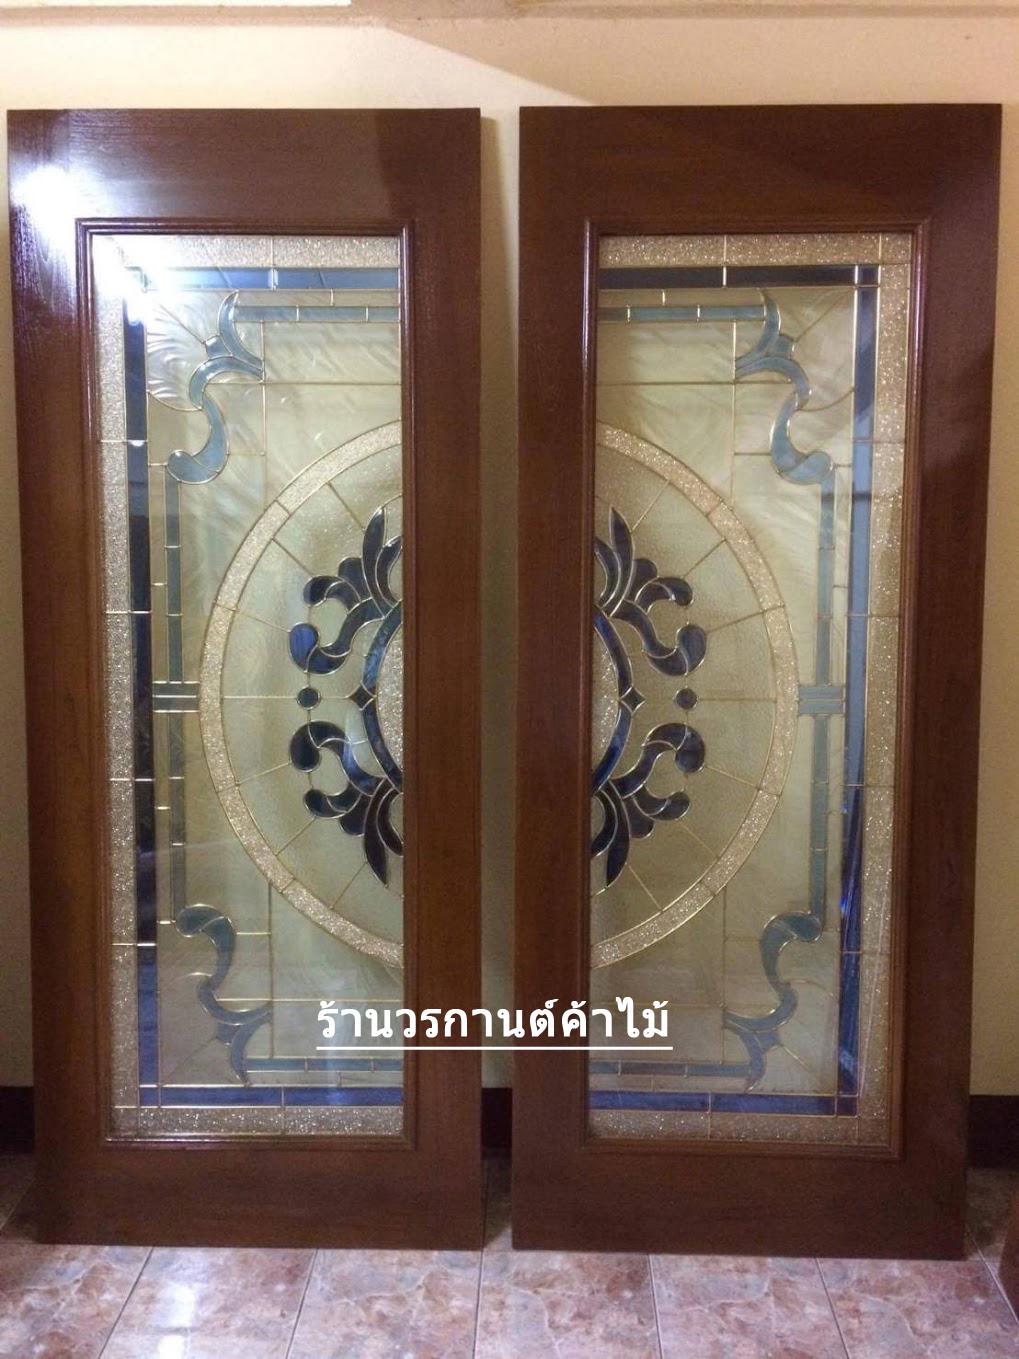 ประตูไม้สักกระจกนิรภัยเต็มบาน สีน้ำเงิน เกรดA รหัส A04